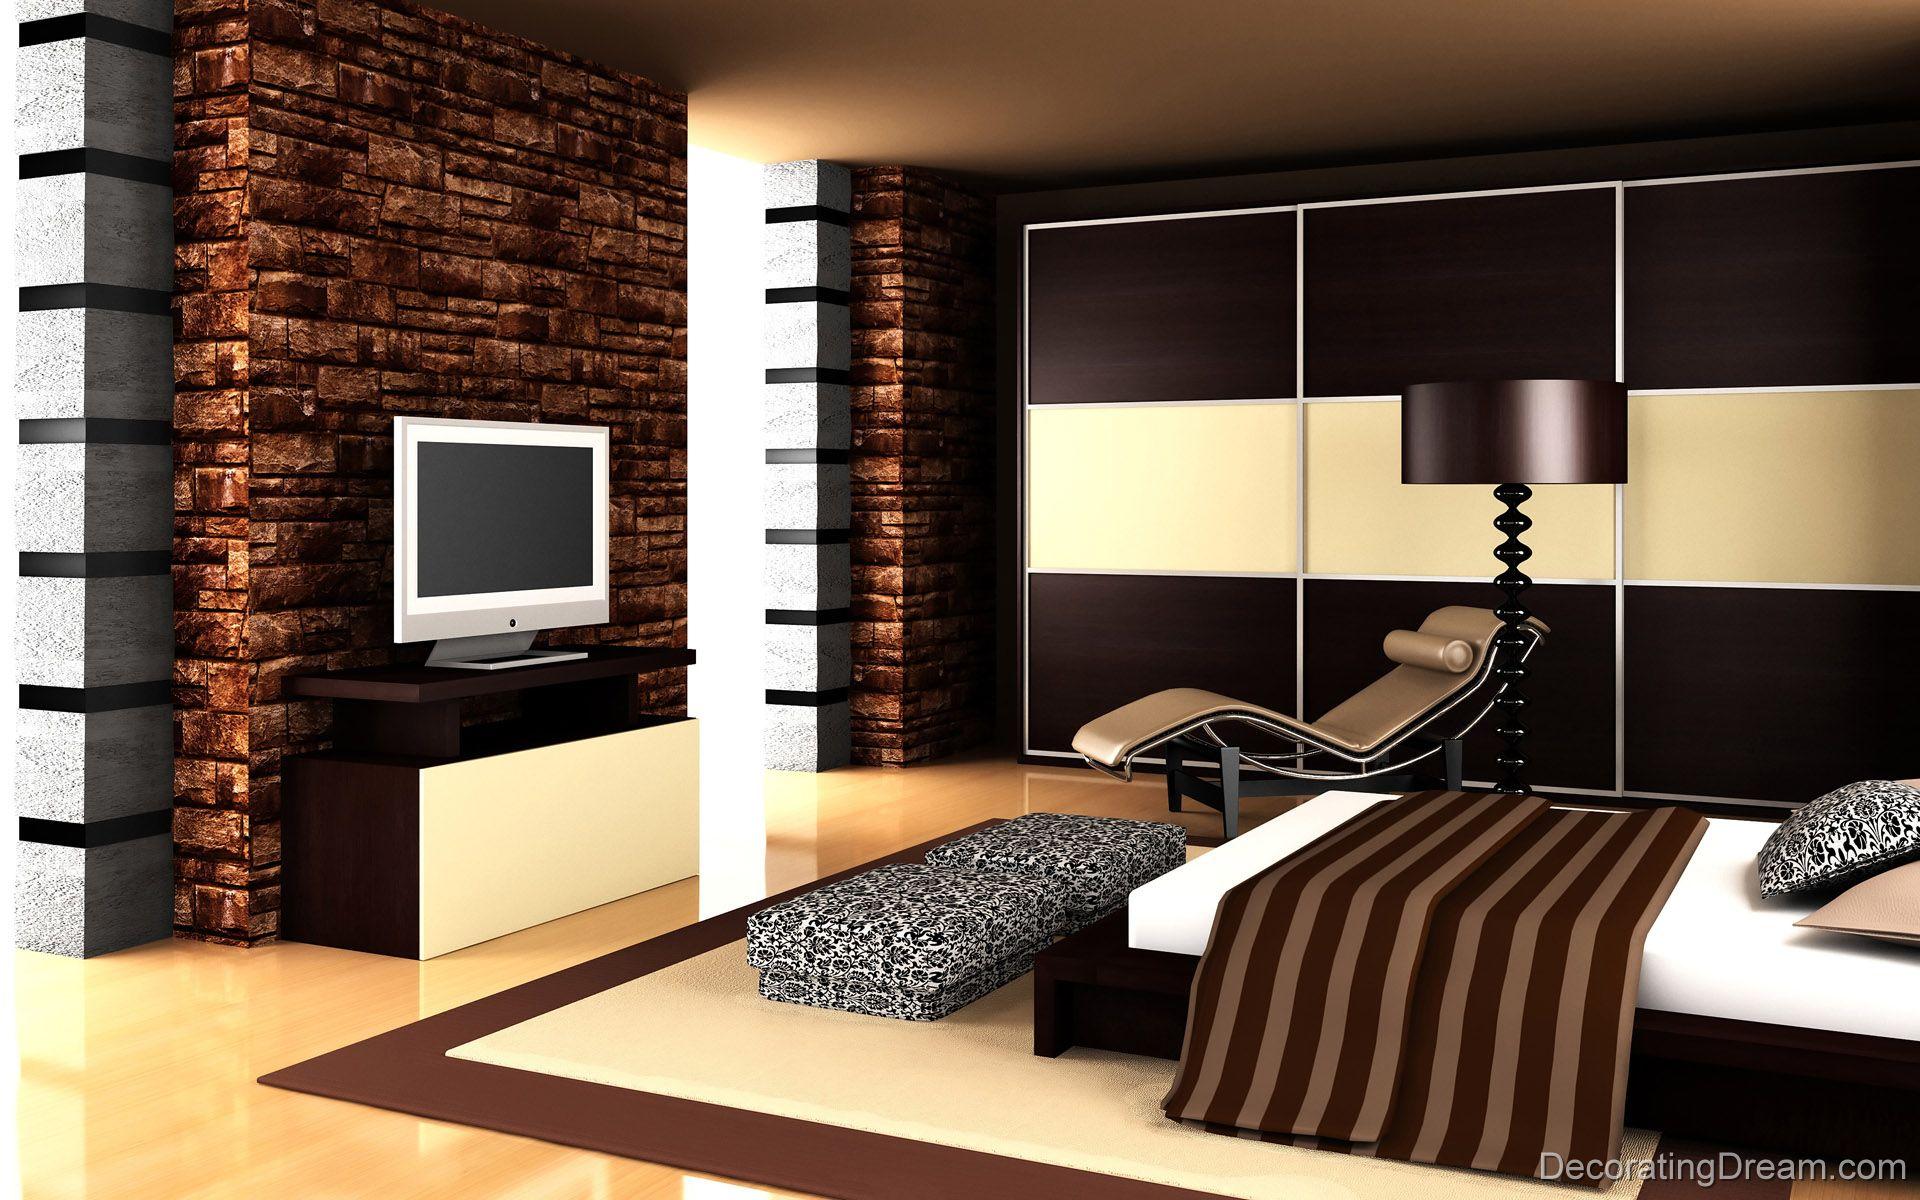 Luxury Bedroom Interior Design Ideas | Decorating Dream